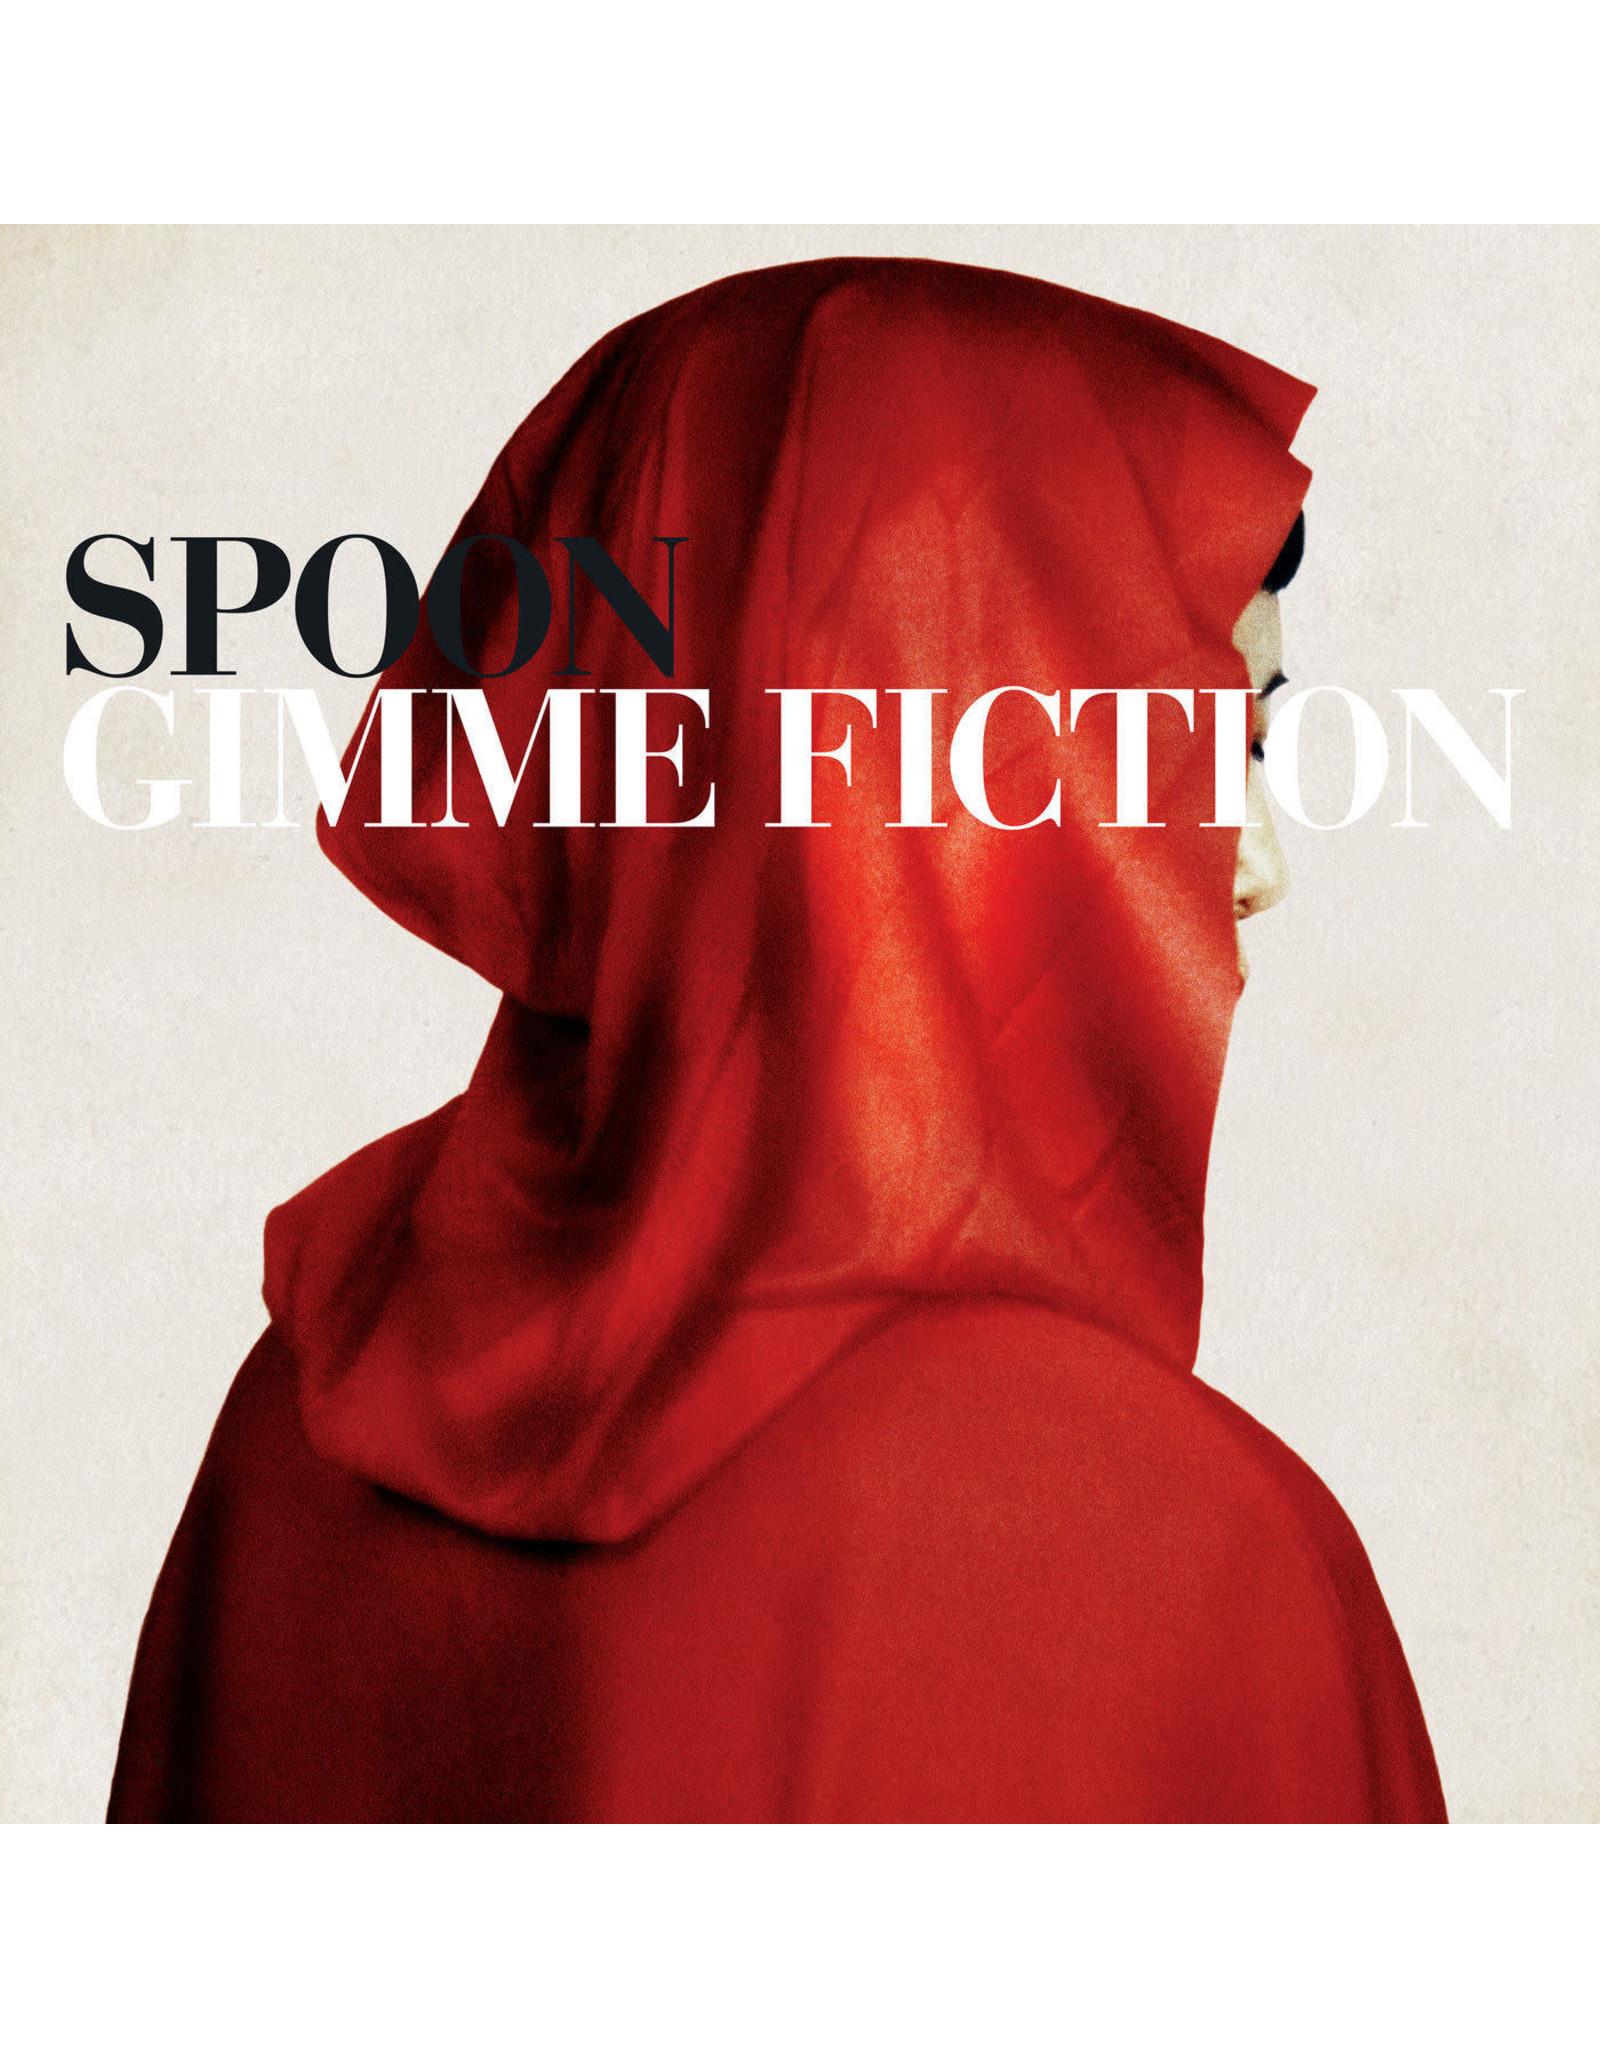 Spoon - Gimme Fiction LP